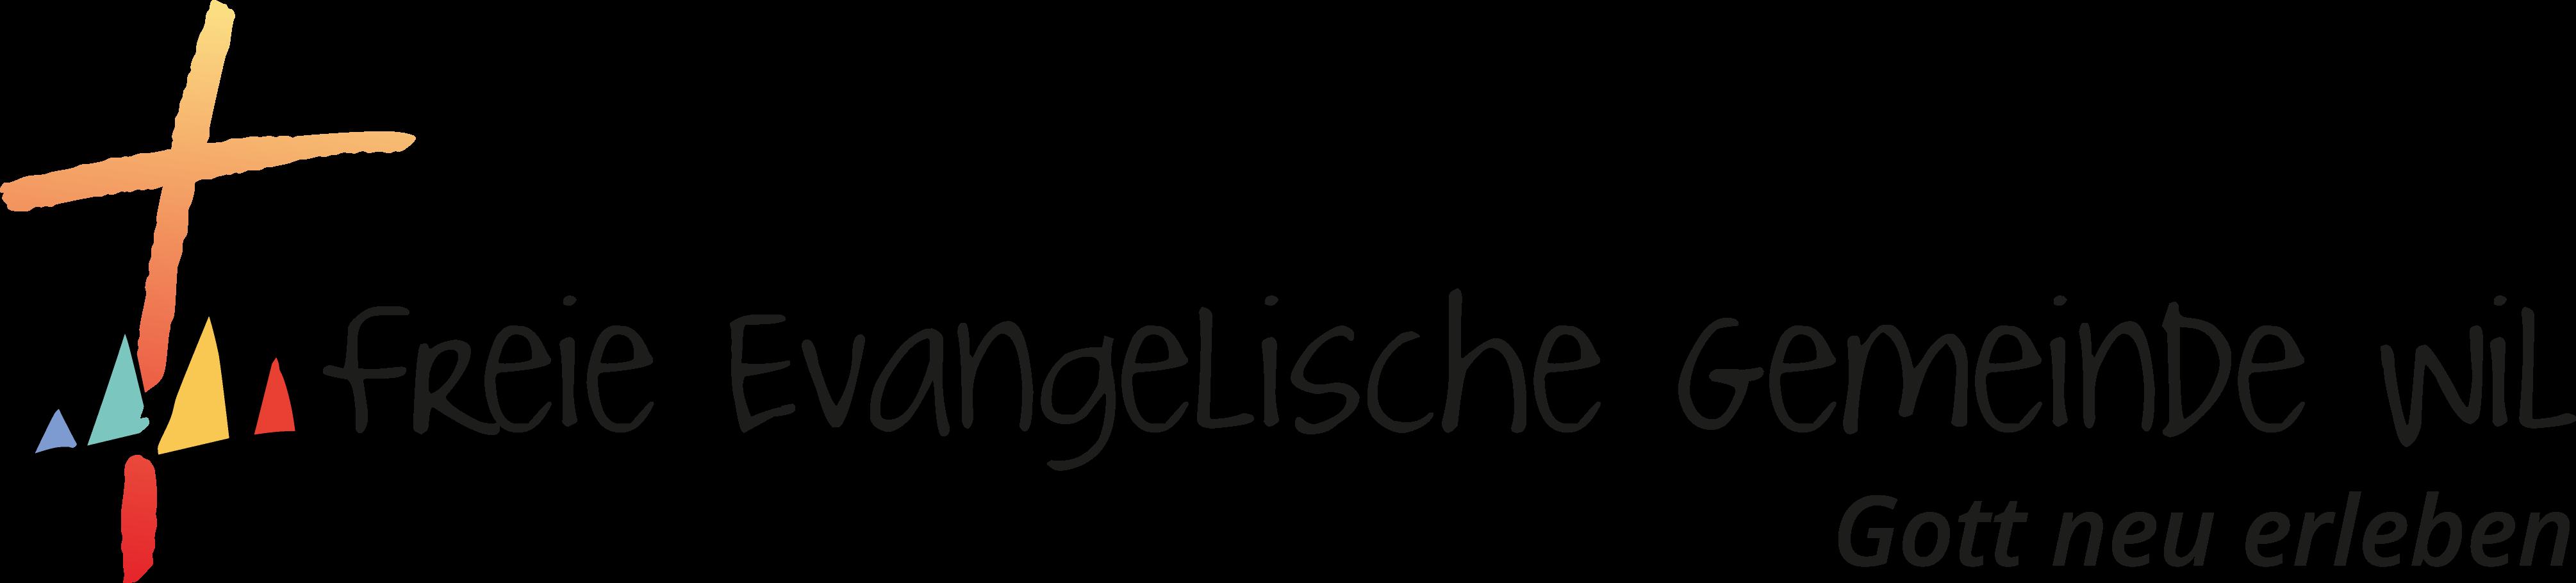 Freie Evangelische Gemeinde Wil